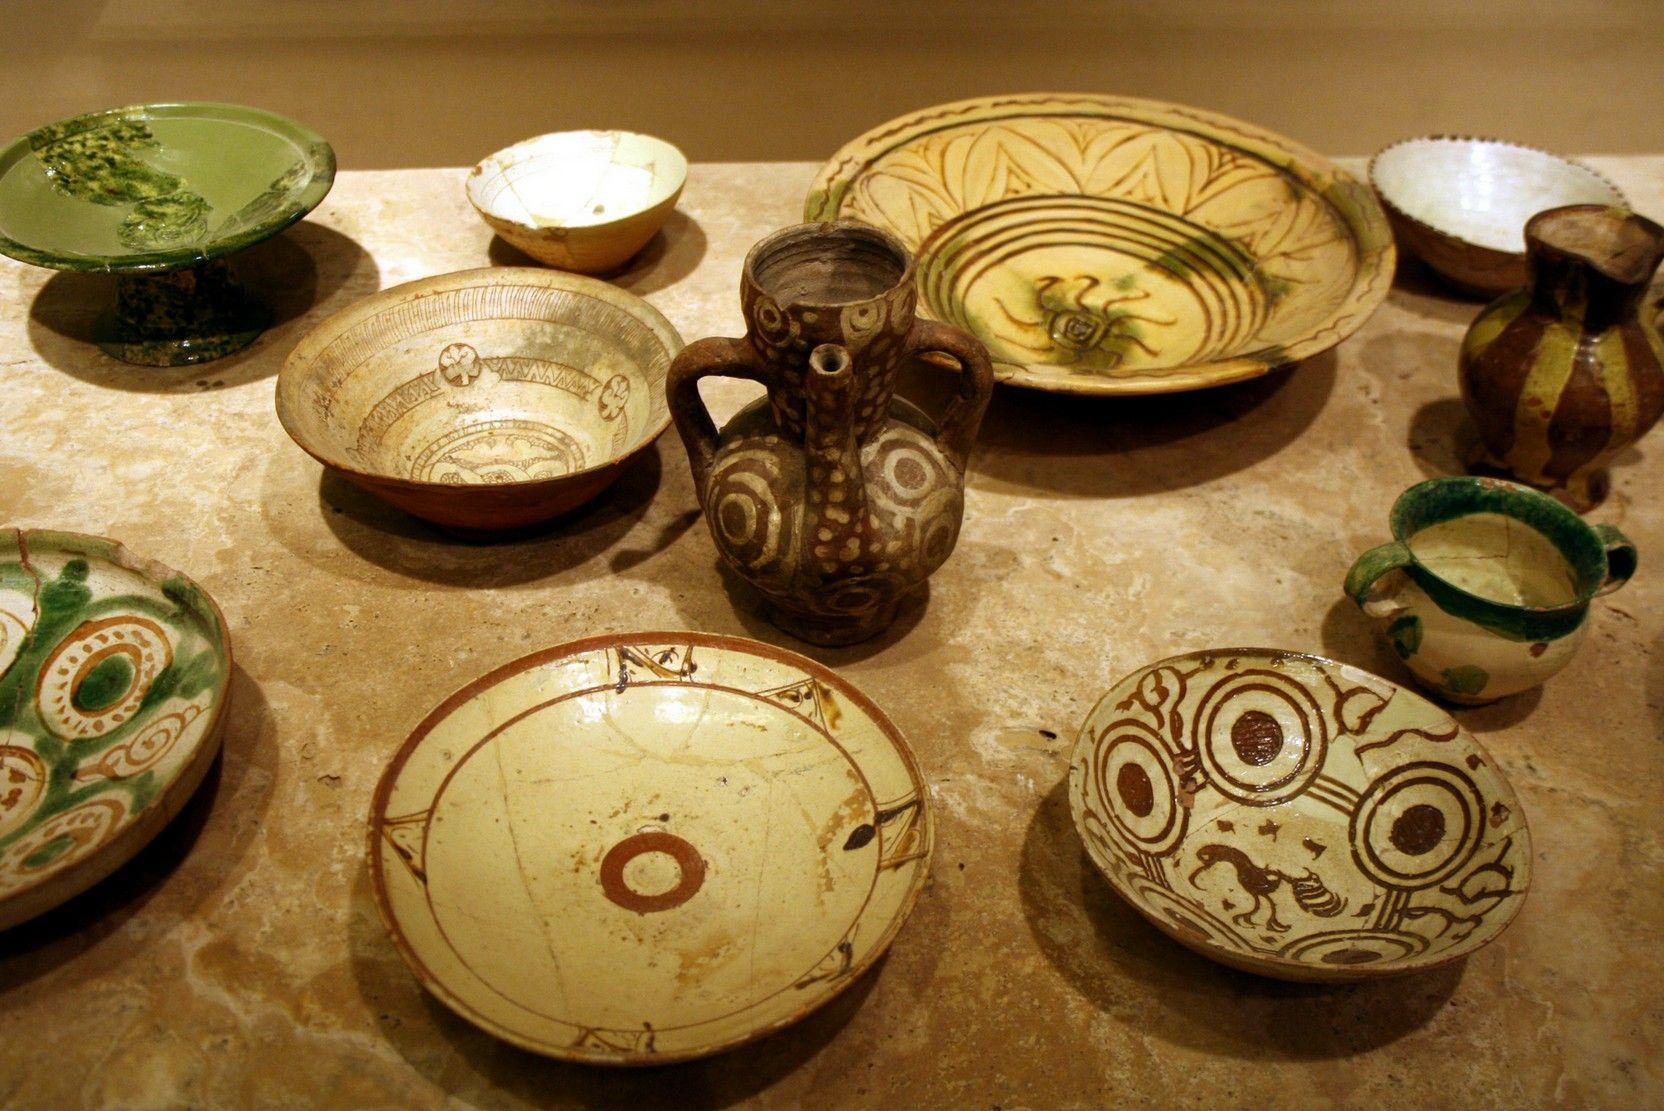 A na czym zjeść? Chociażby na takiej bizantyjskiej zastawie z ok. XI wieku (fot. G.dallorto).